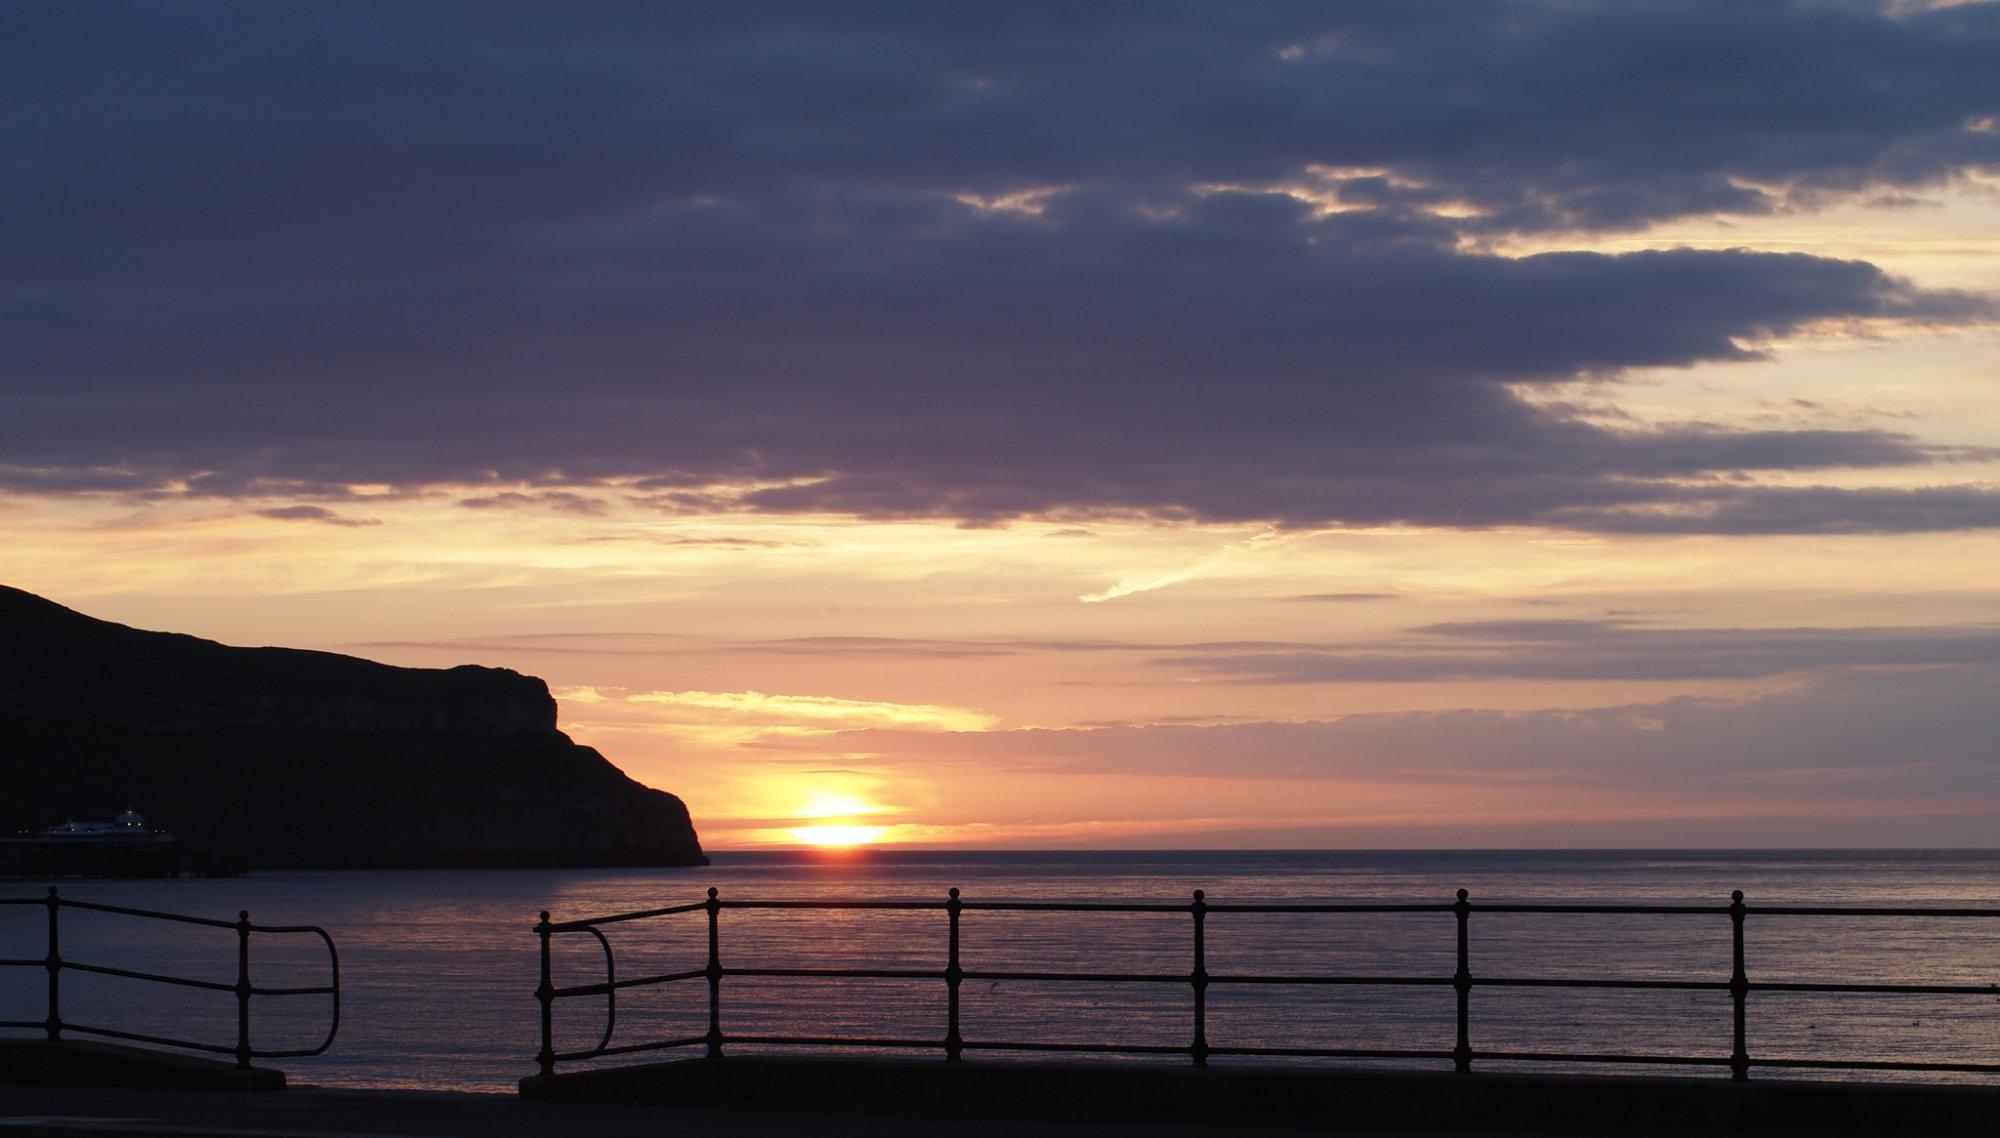 Sunset, Llandudno, Gogledd Cymru